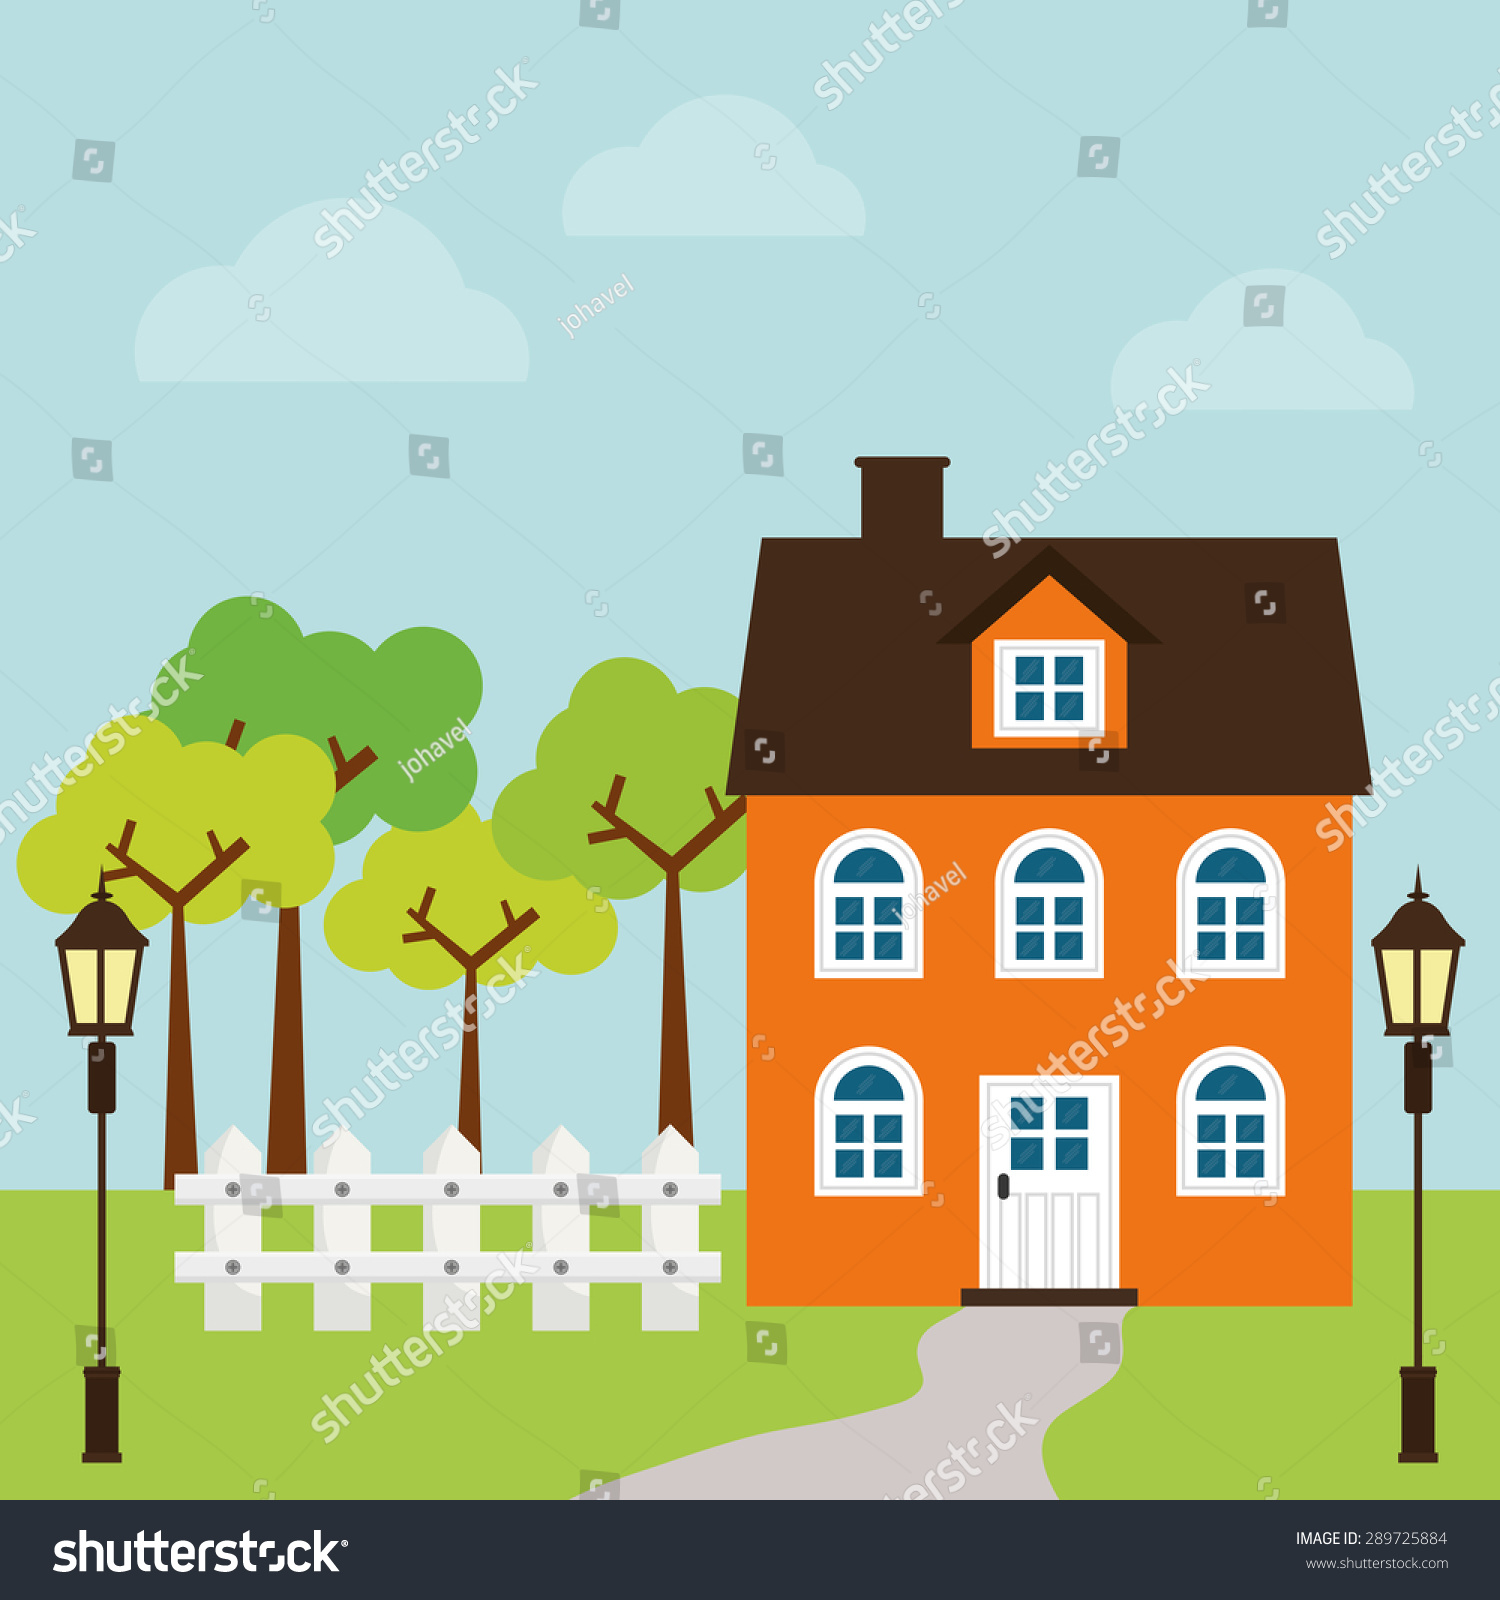 House design cartoon - House Design Over Landscape Background Vector Illustration